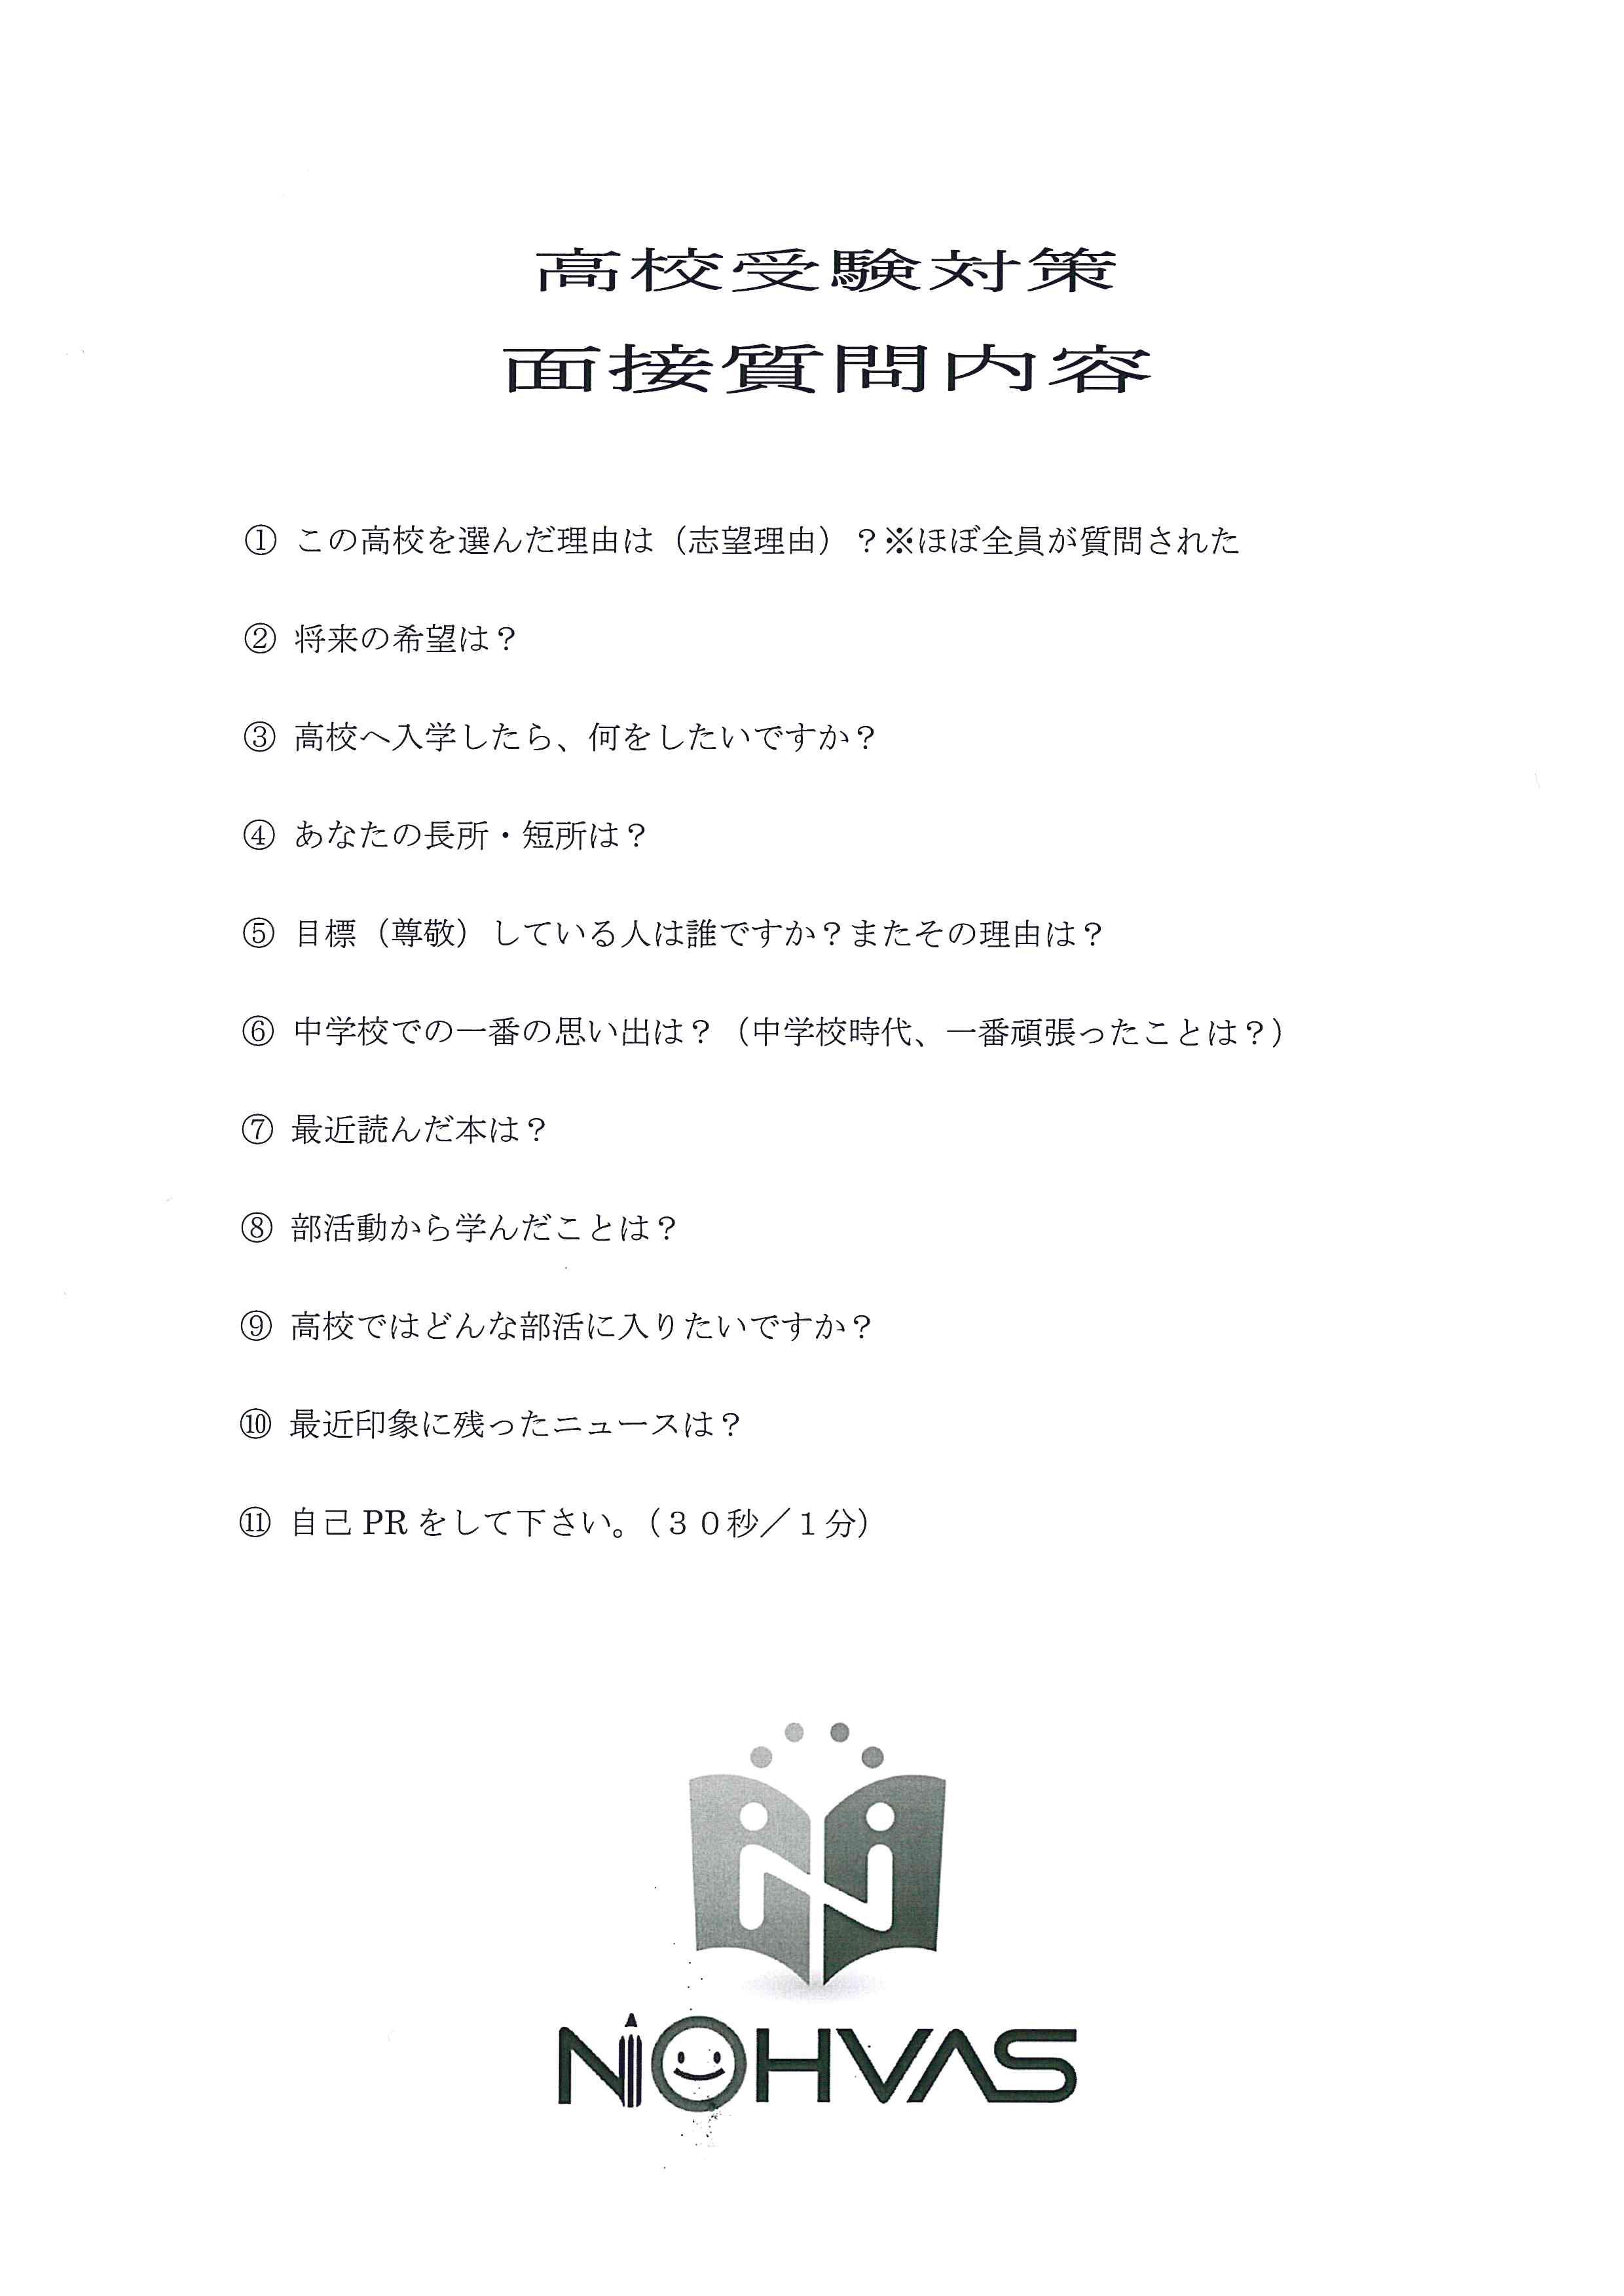 埼玉県私立高校入試対策「面接練習」画像